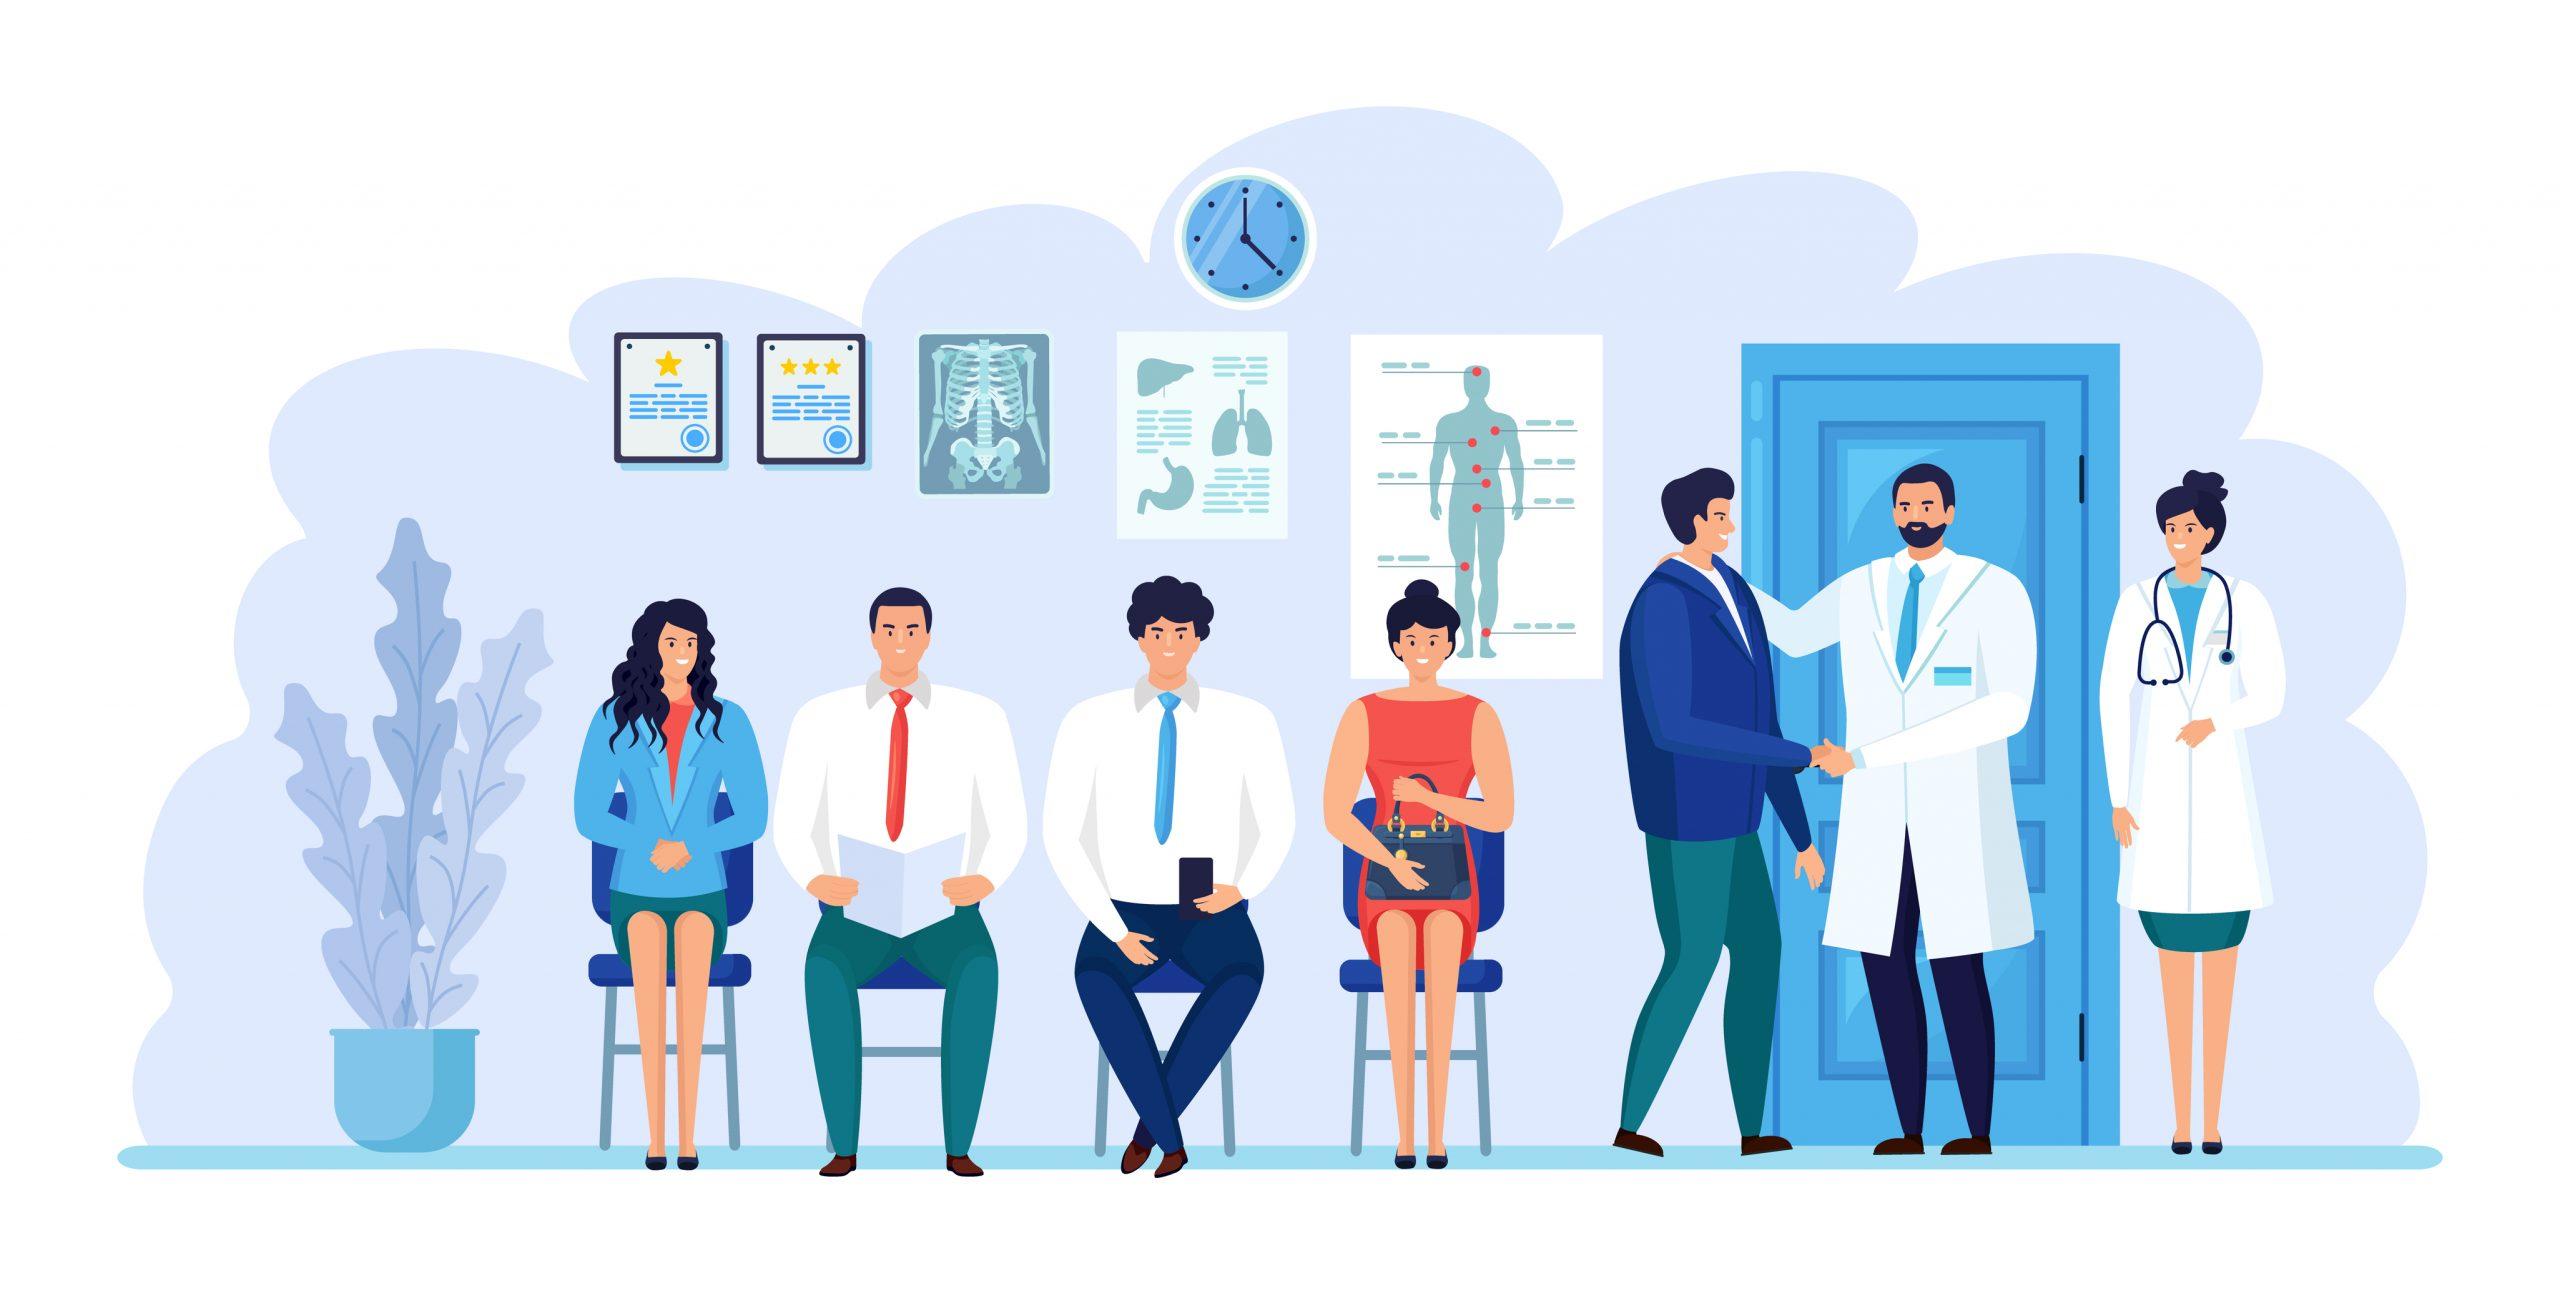 Pacientes em um sala de espera aguardando atendimento médico.